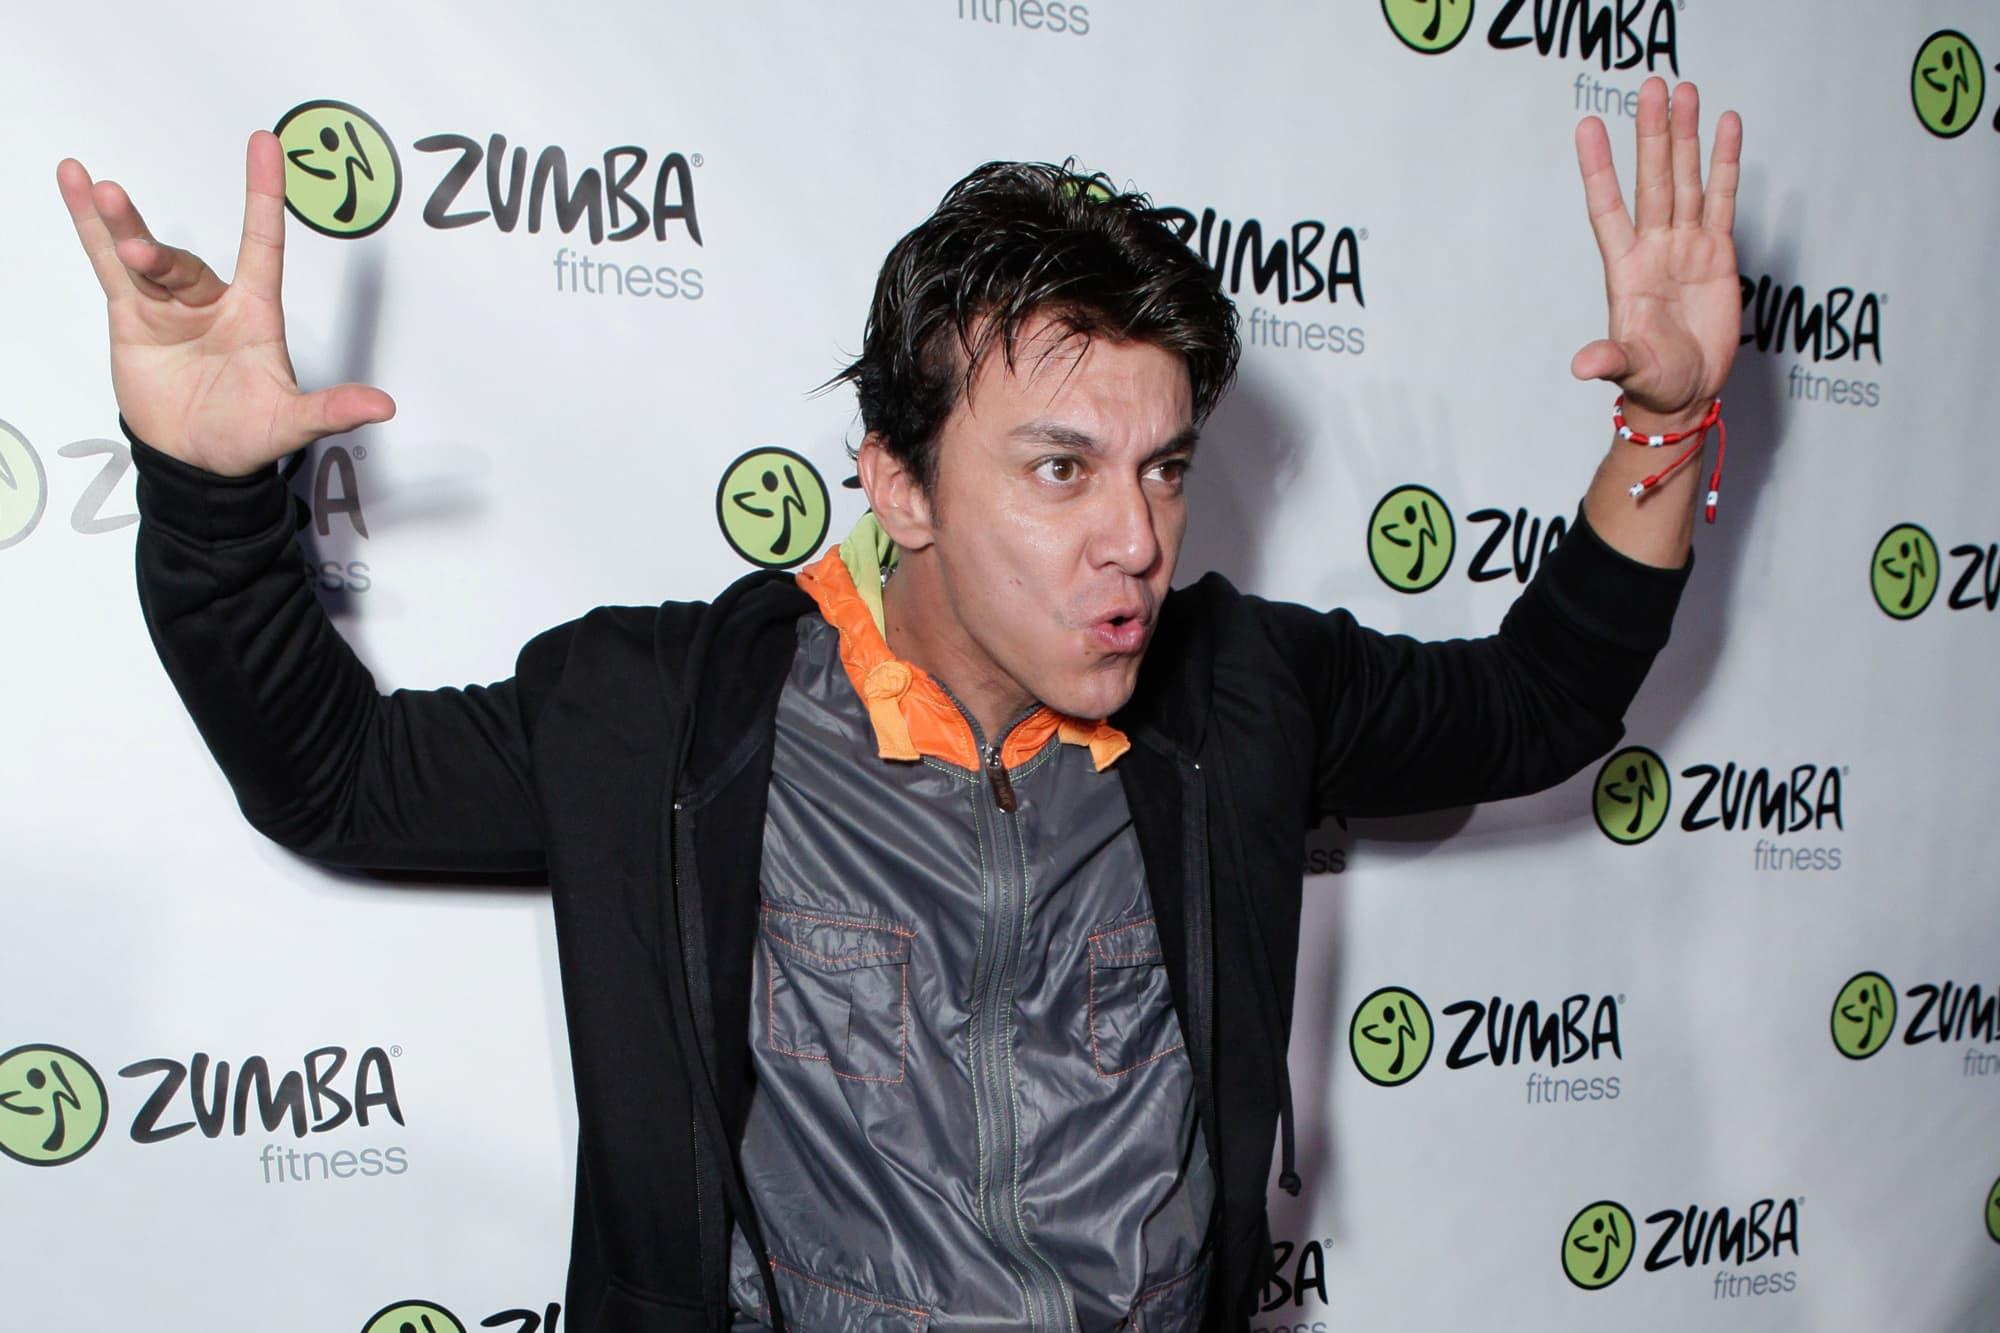 Zumba creator Beto Perez